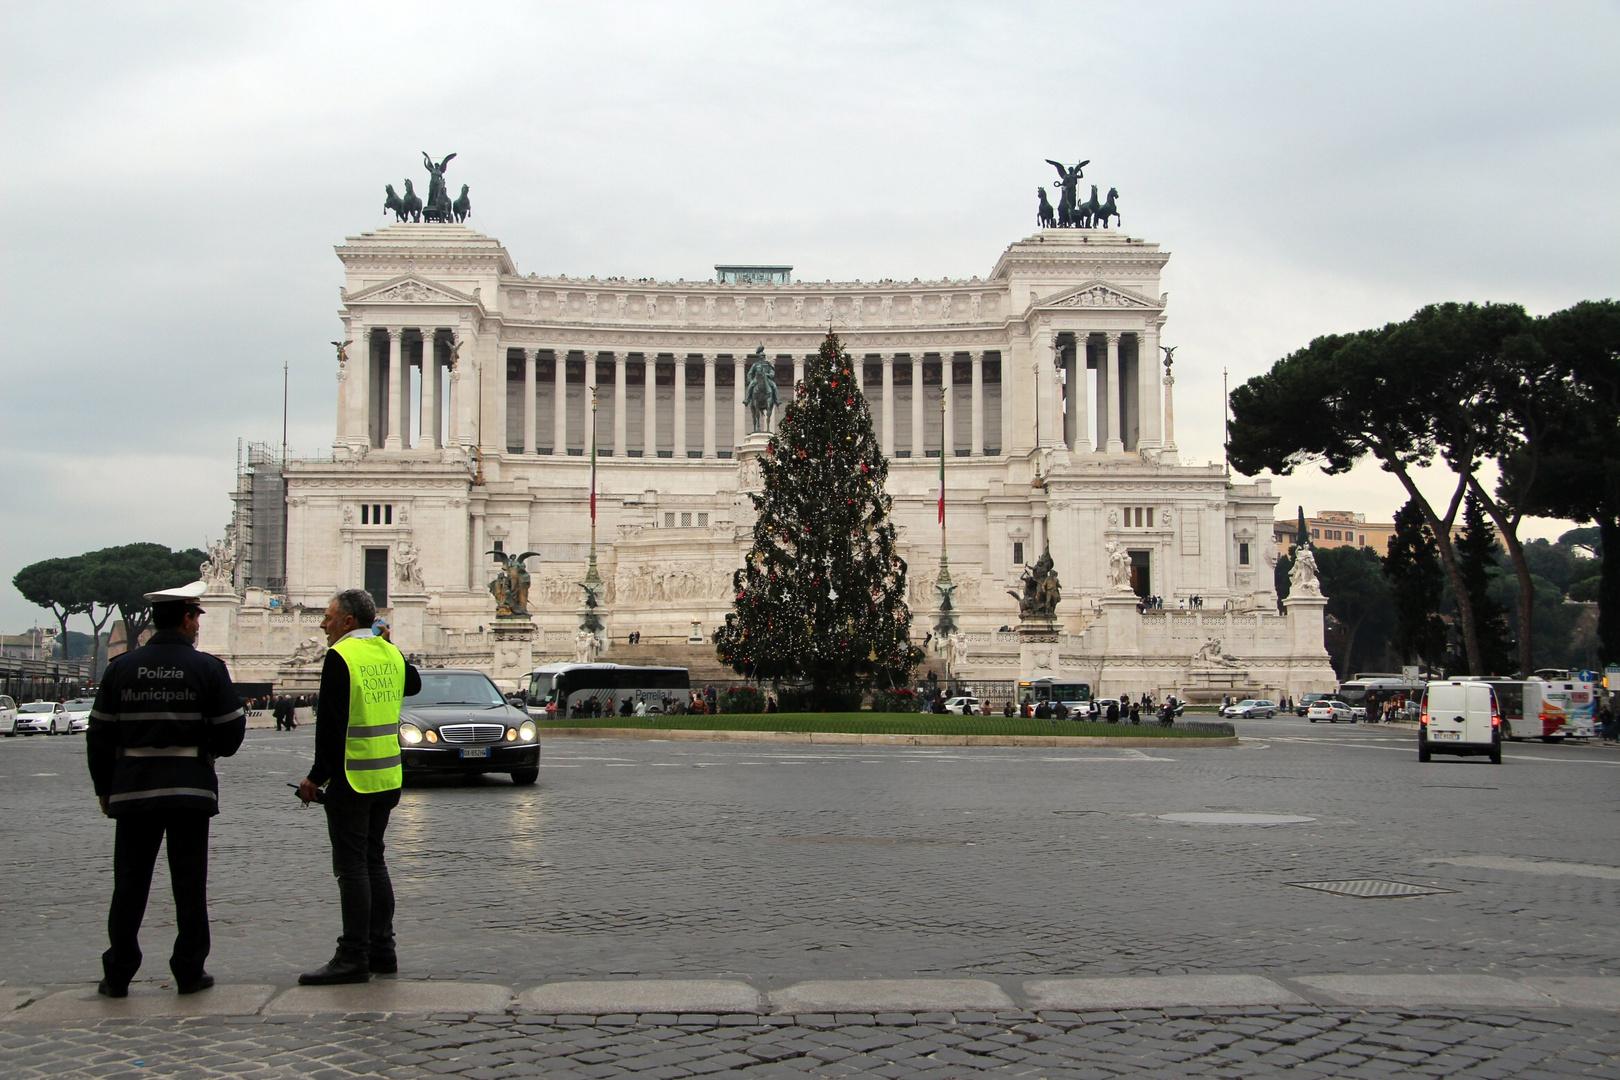 Servizio d'ordine in piazza Venezia. Buon Natale da Roma!